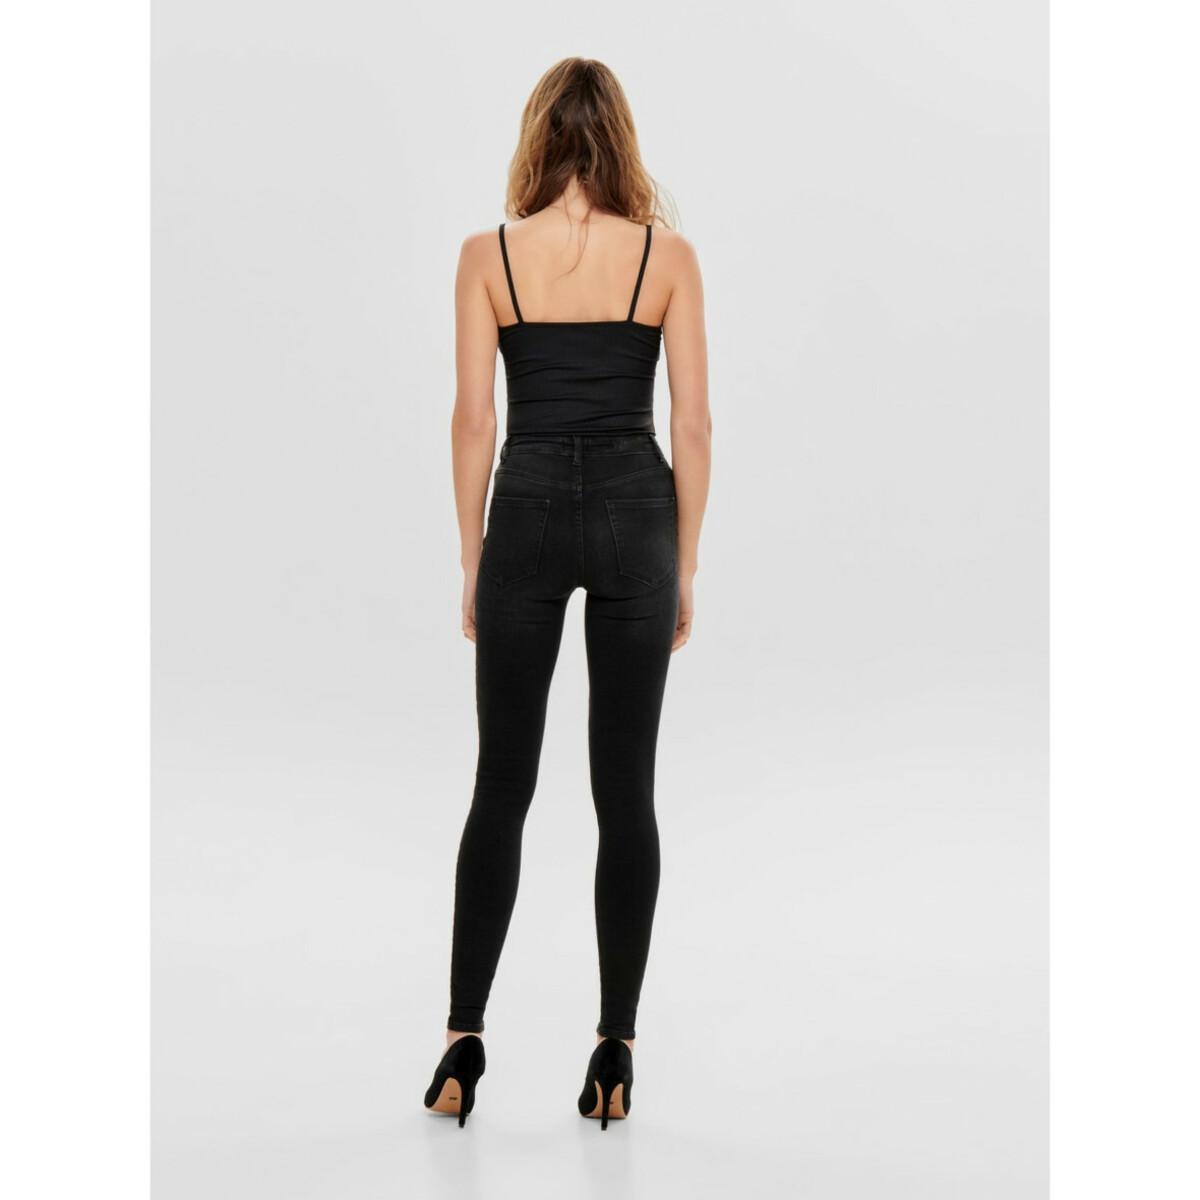 Bild 4 von Damen Only Hose in Skinny Form